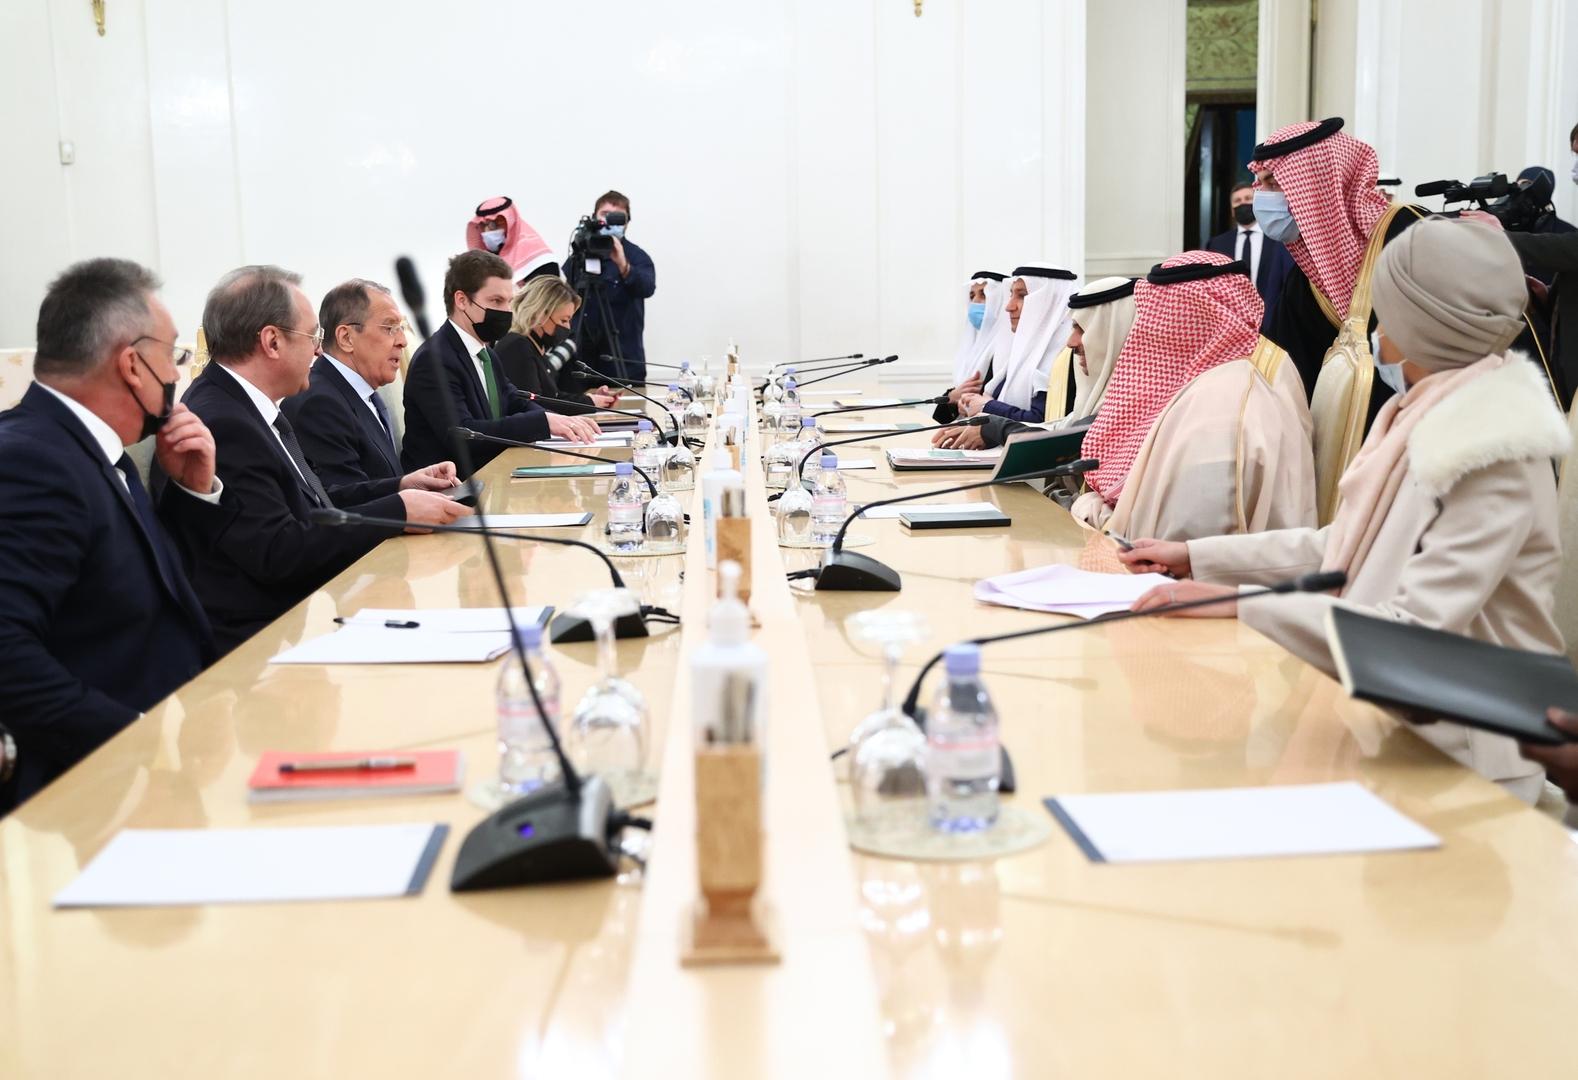 مسؤولتان سعوديتان ترفضان خلع معطفيهما خلال لقاء لافروف